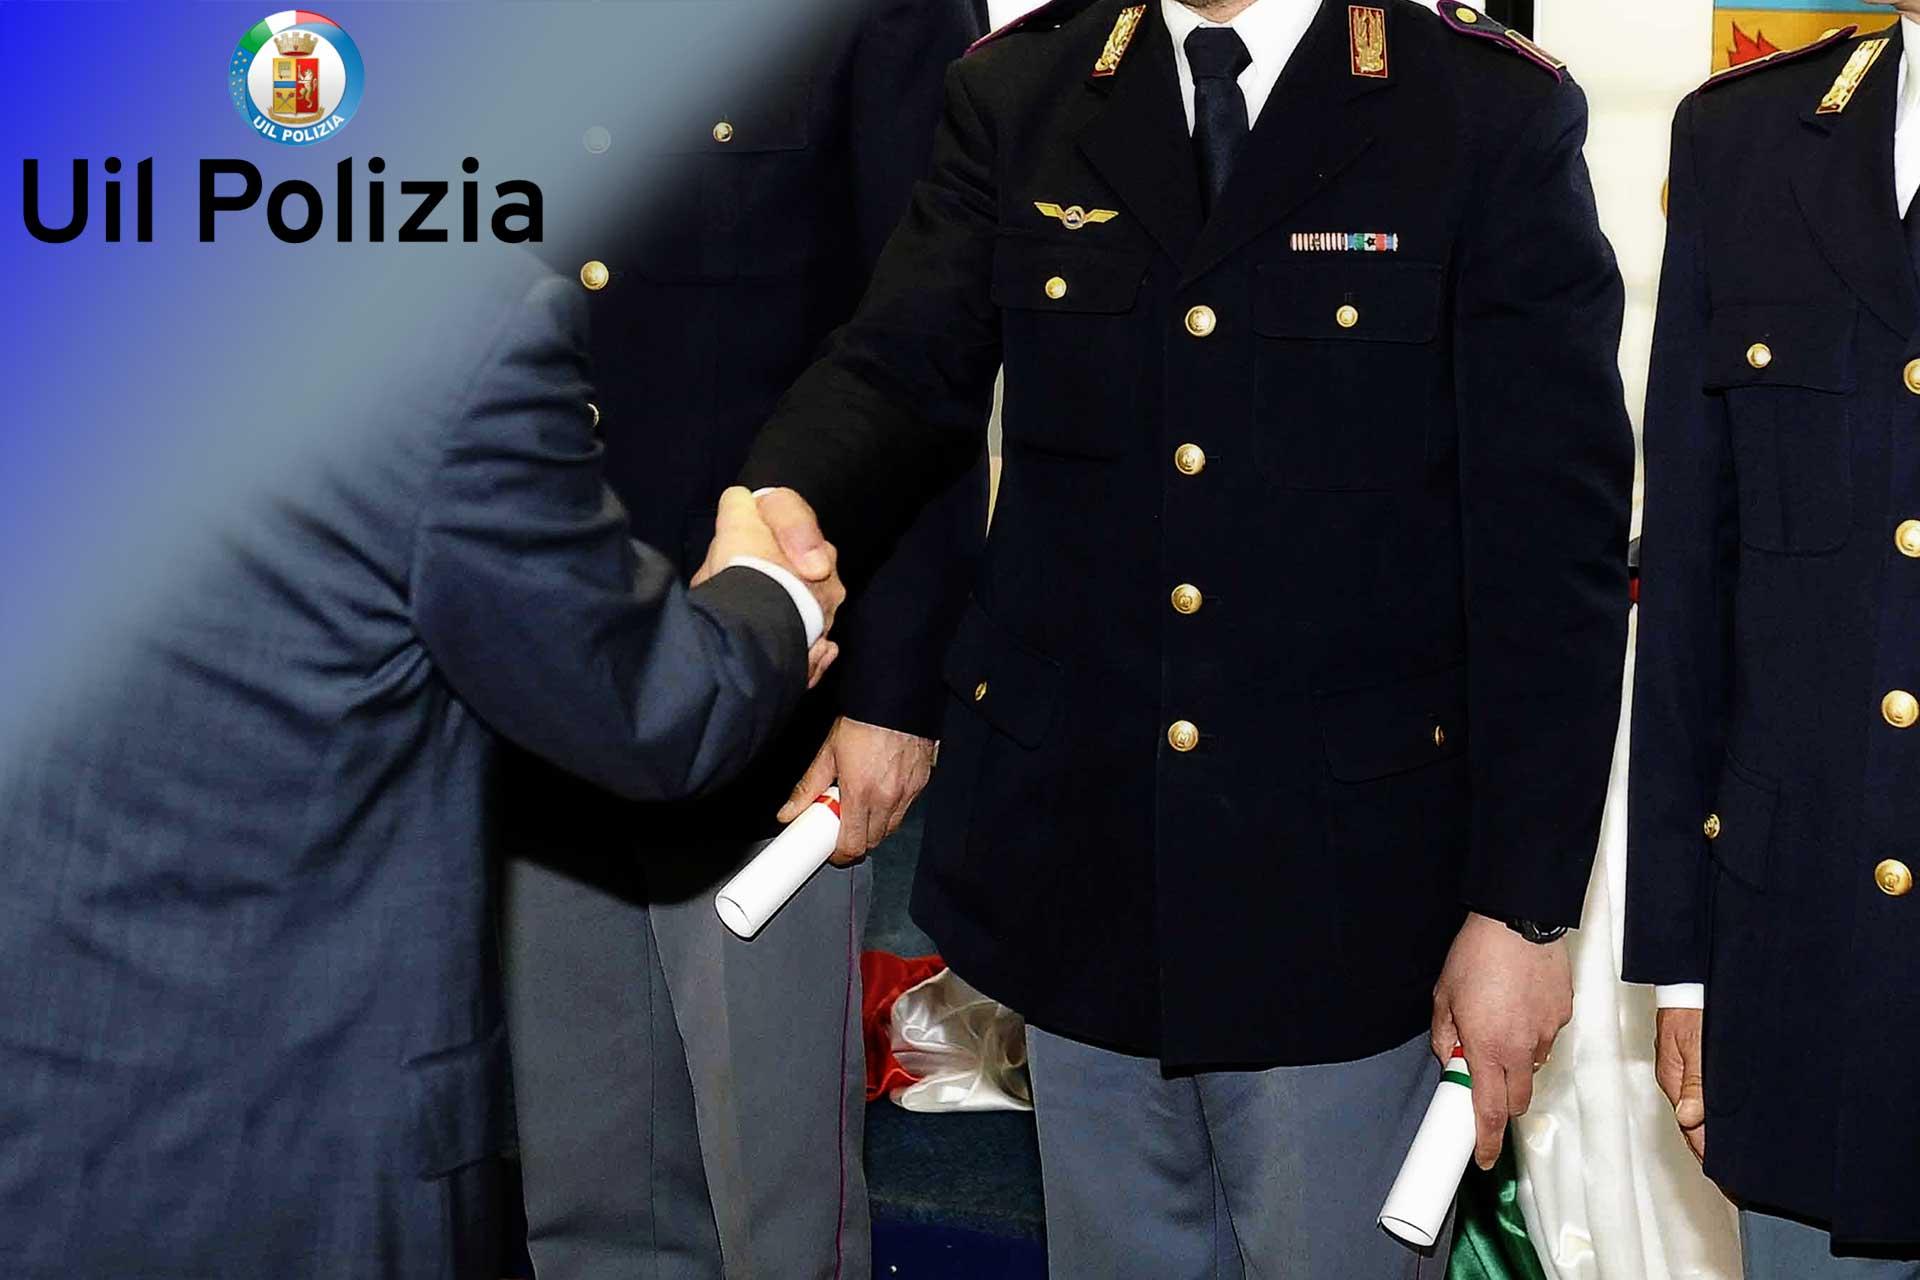 premiazioni polizia premiali premi